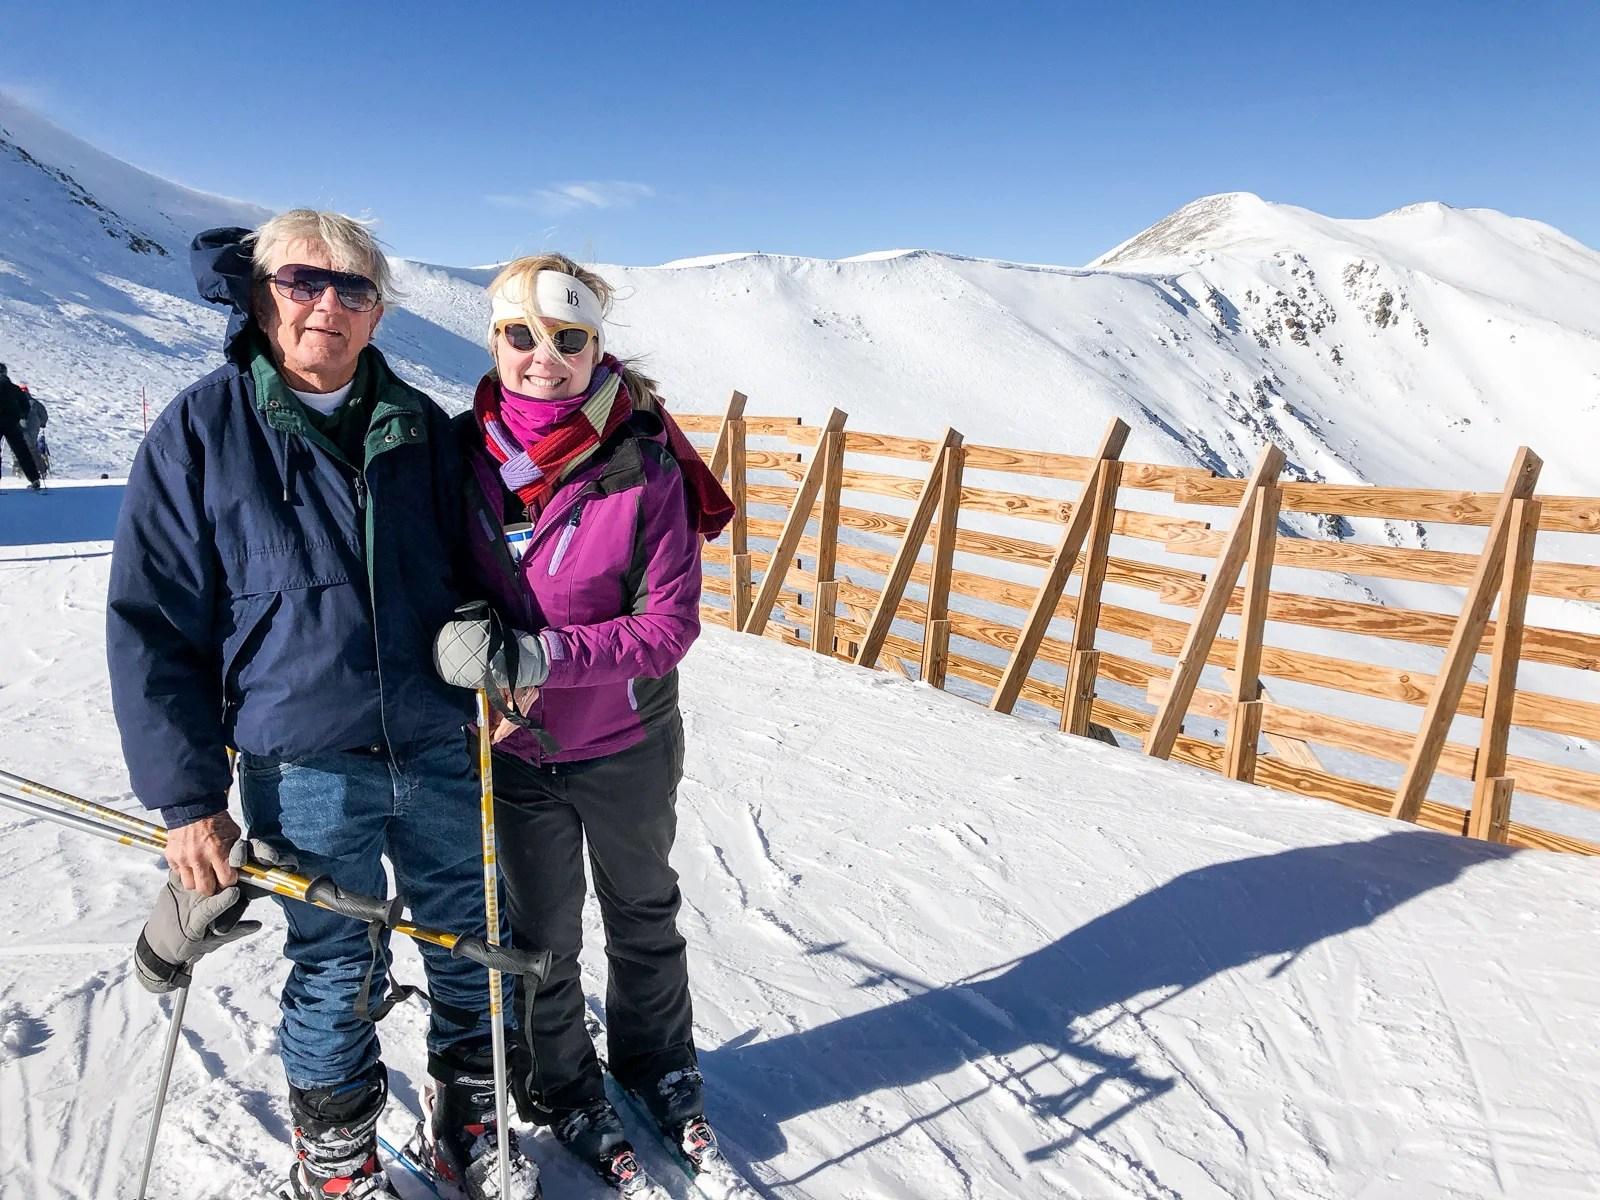 Skiing at 70 — Ski Tips for Seniors